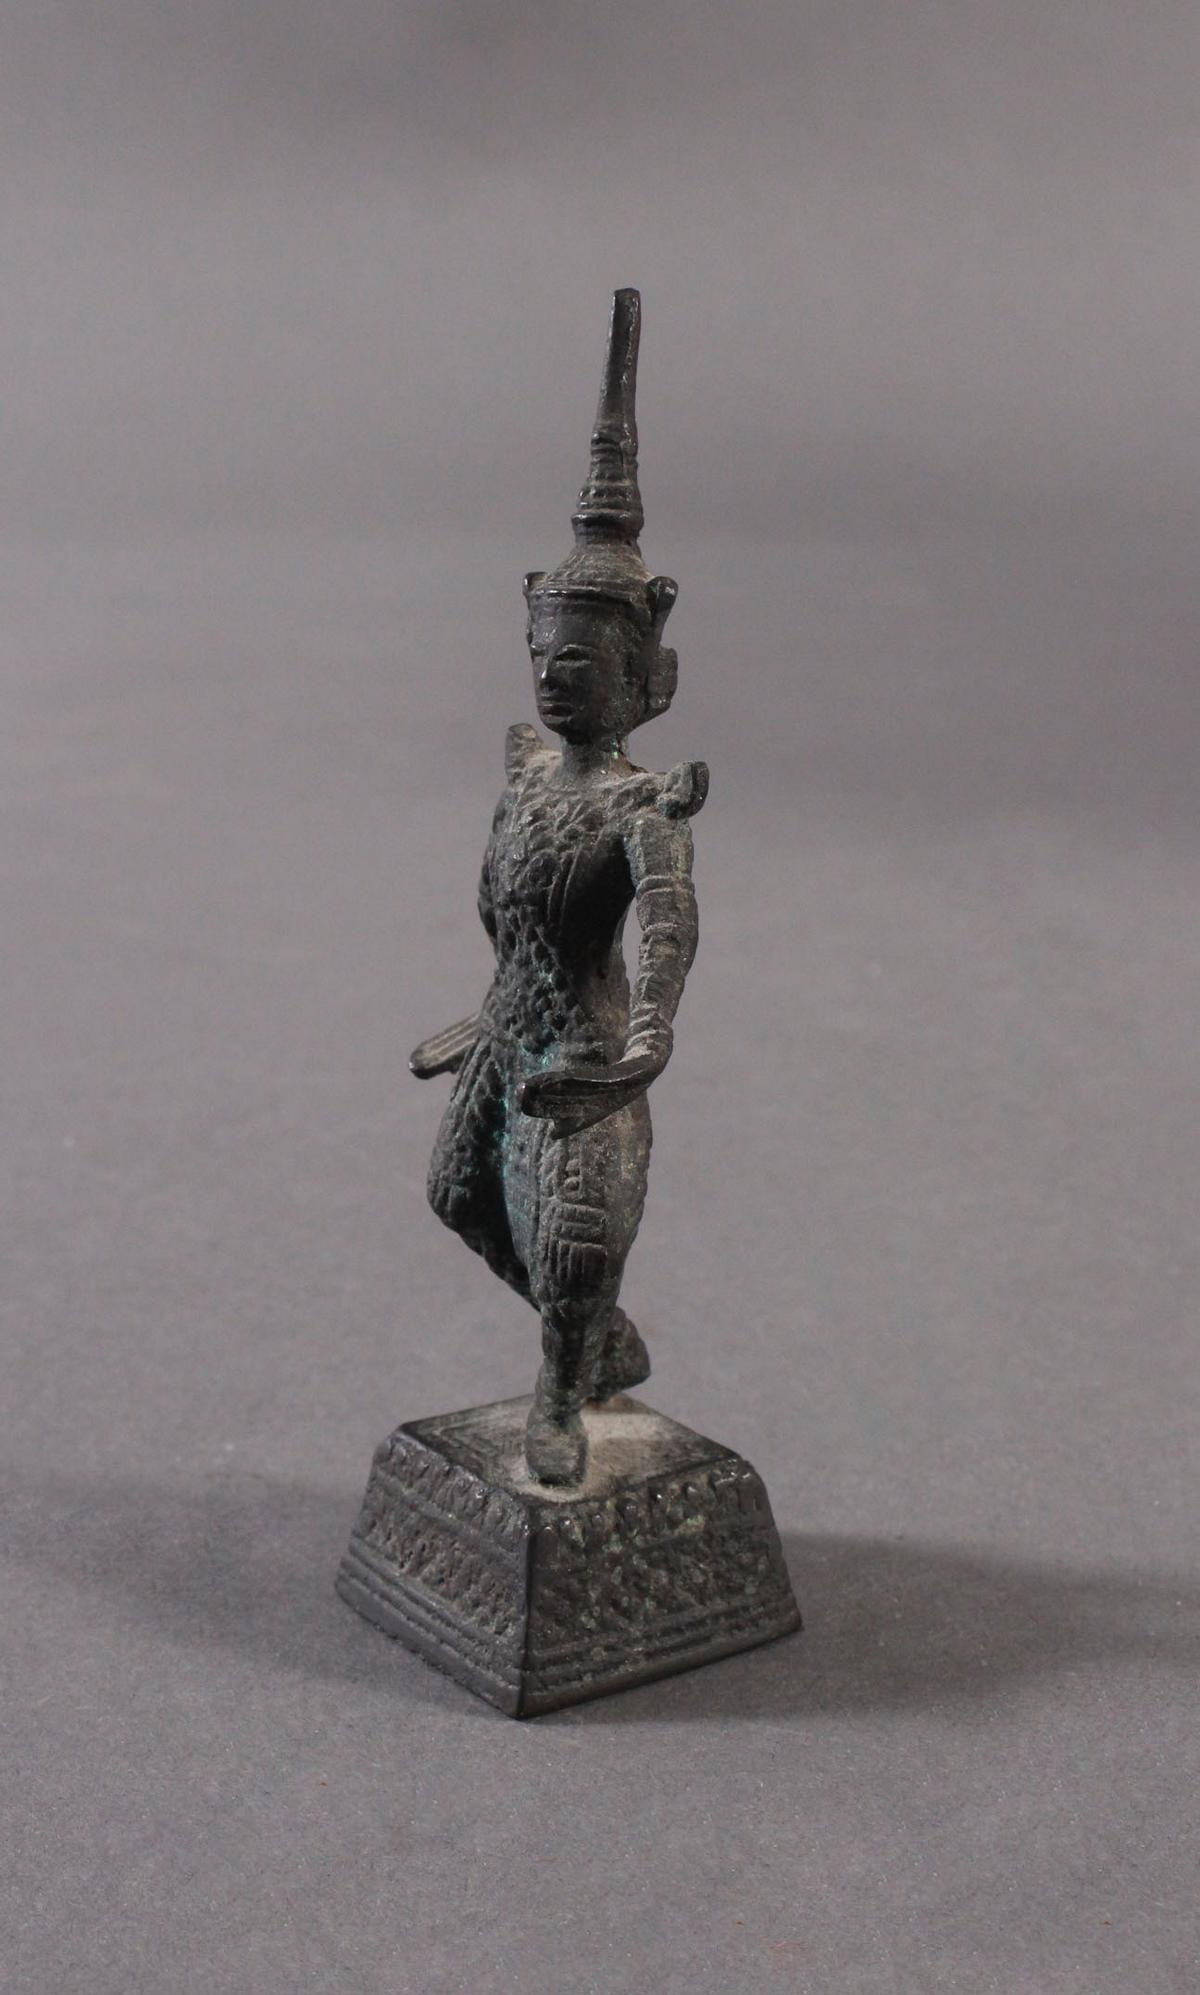 Antike Bronzeskulptur, Thailand-2